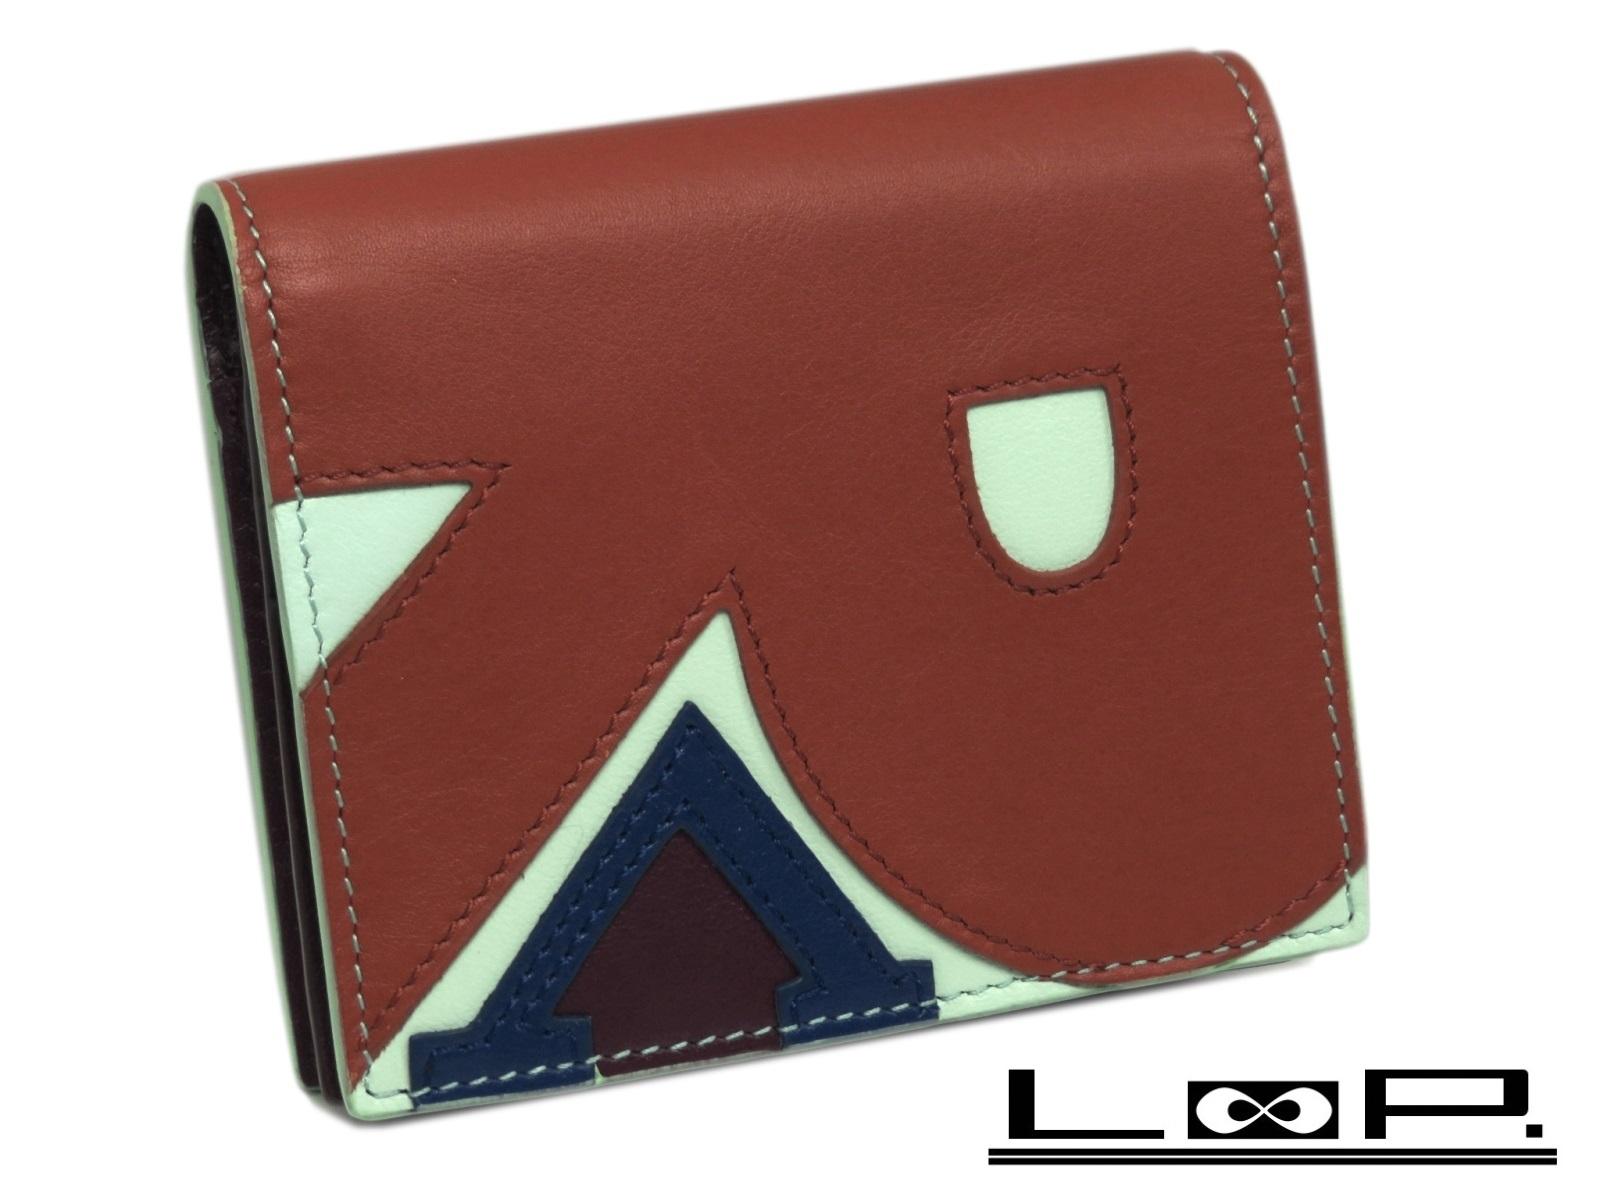 【新同】 Roger Vivier ロジェ ヴィヴィエ 二つ折り 財布 サイフ レザー ブルー 水色 パープル 紫 レッド 赤 【A37381】 【中古】